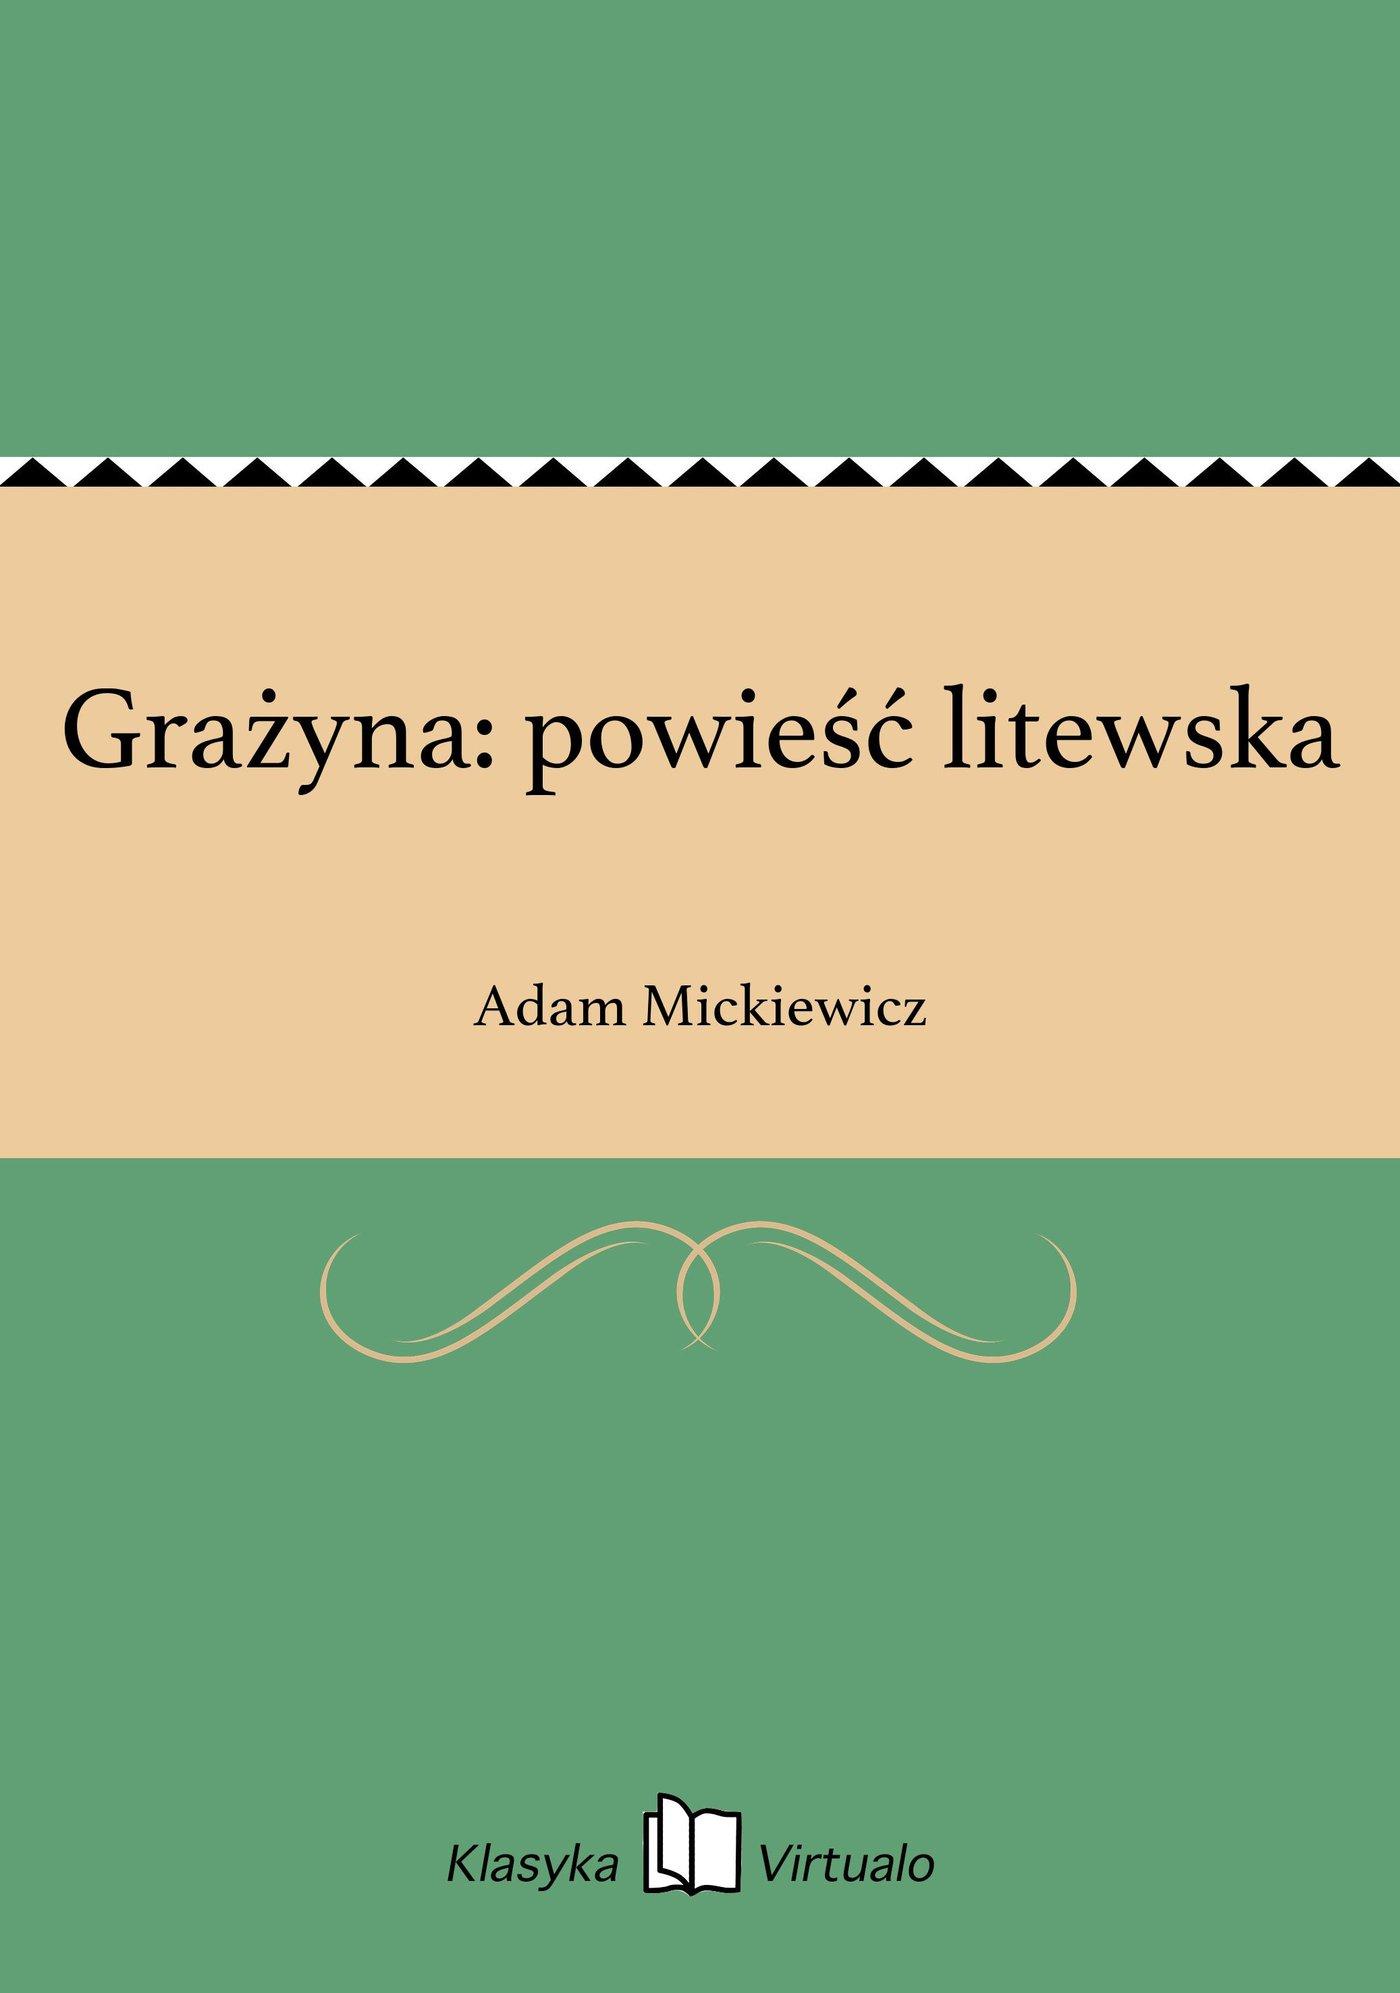 Grażyna: powieść litewska - Ebook (Książka na Kindle) do pobrania w formacie MOBI